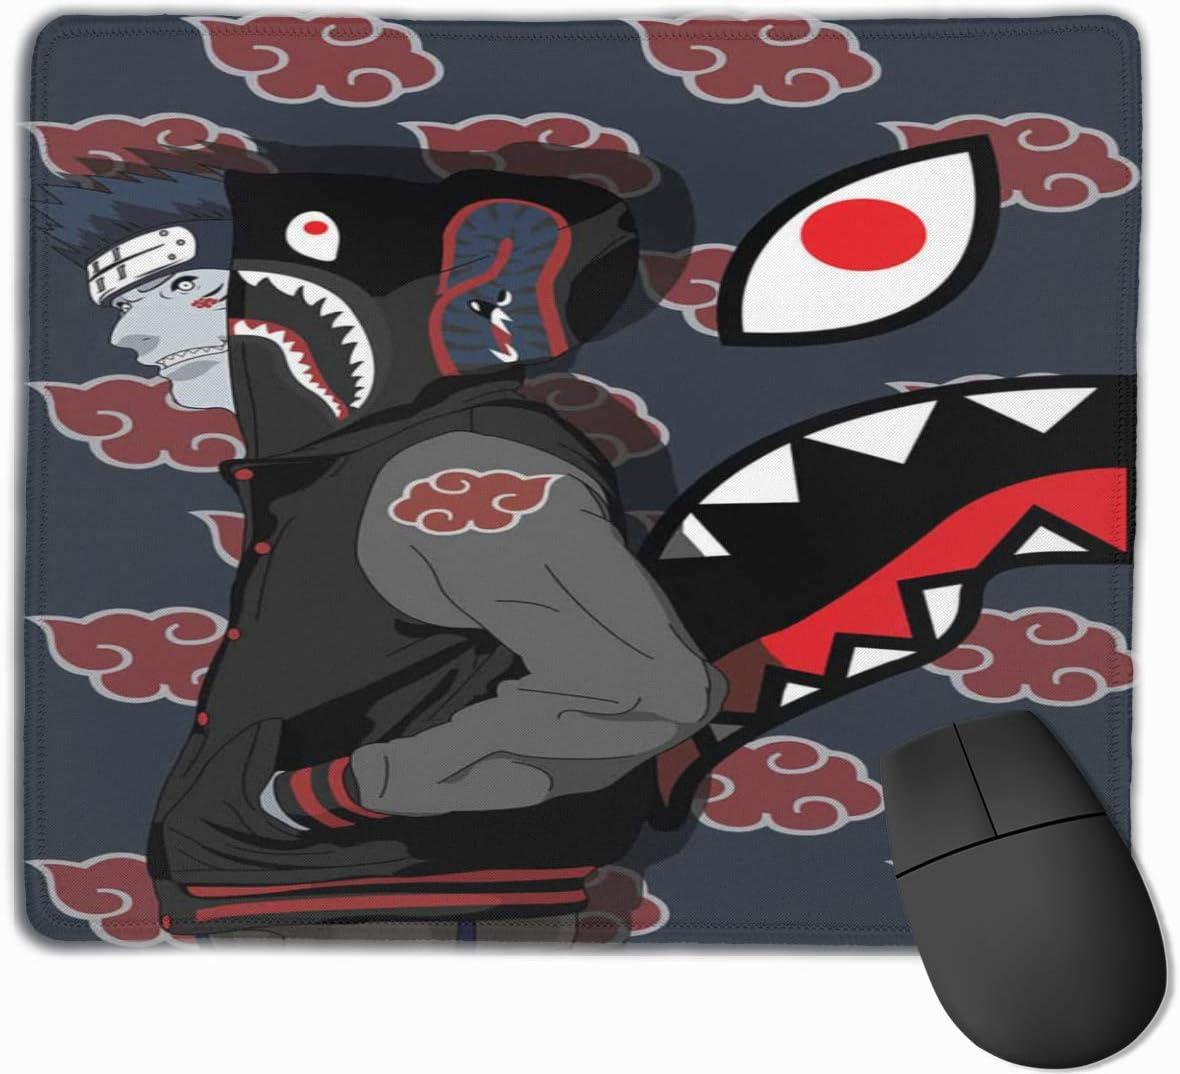 Non-Slip Design LOL Gaming Mouse Pad ROIHFOS Bape Jedi Survival